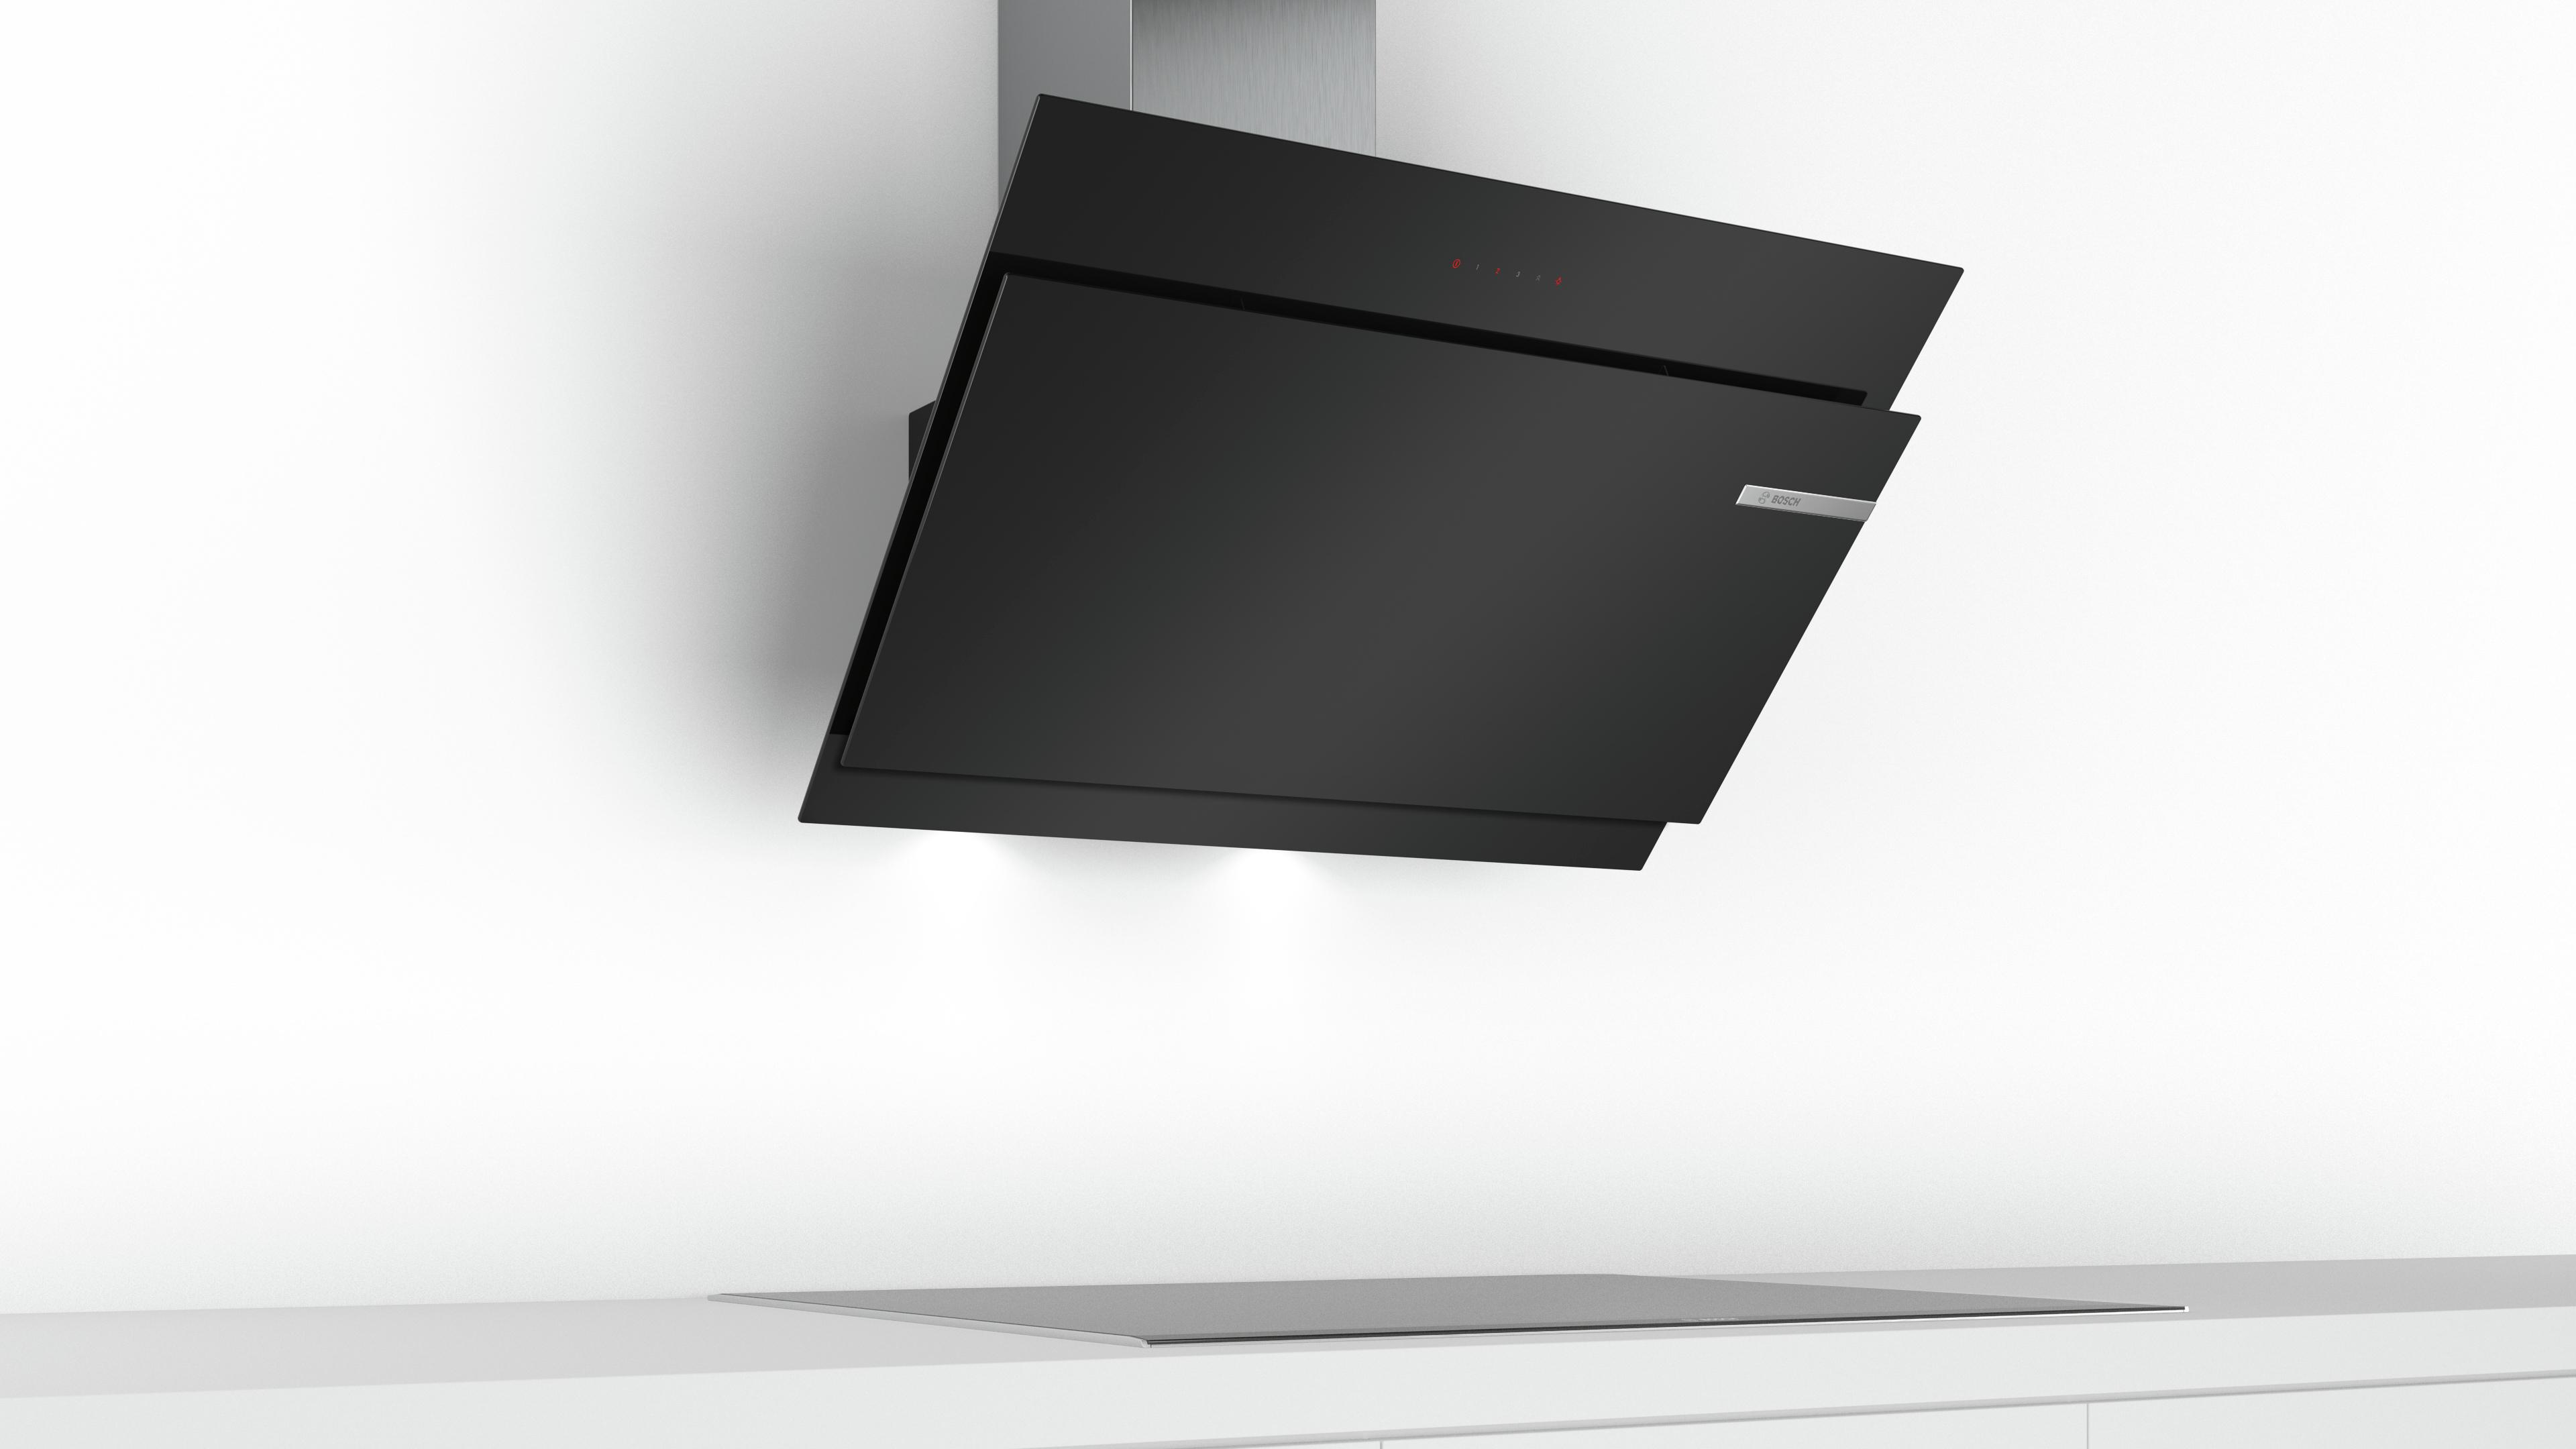 bosch hotte aspirante design dwk97jm60 noir art craft. Black Bedroom Furniture Sets. Home Design Ideas